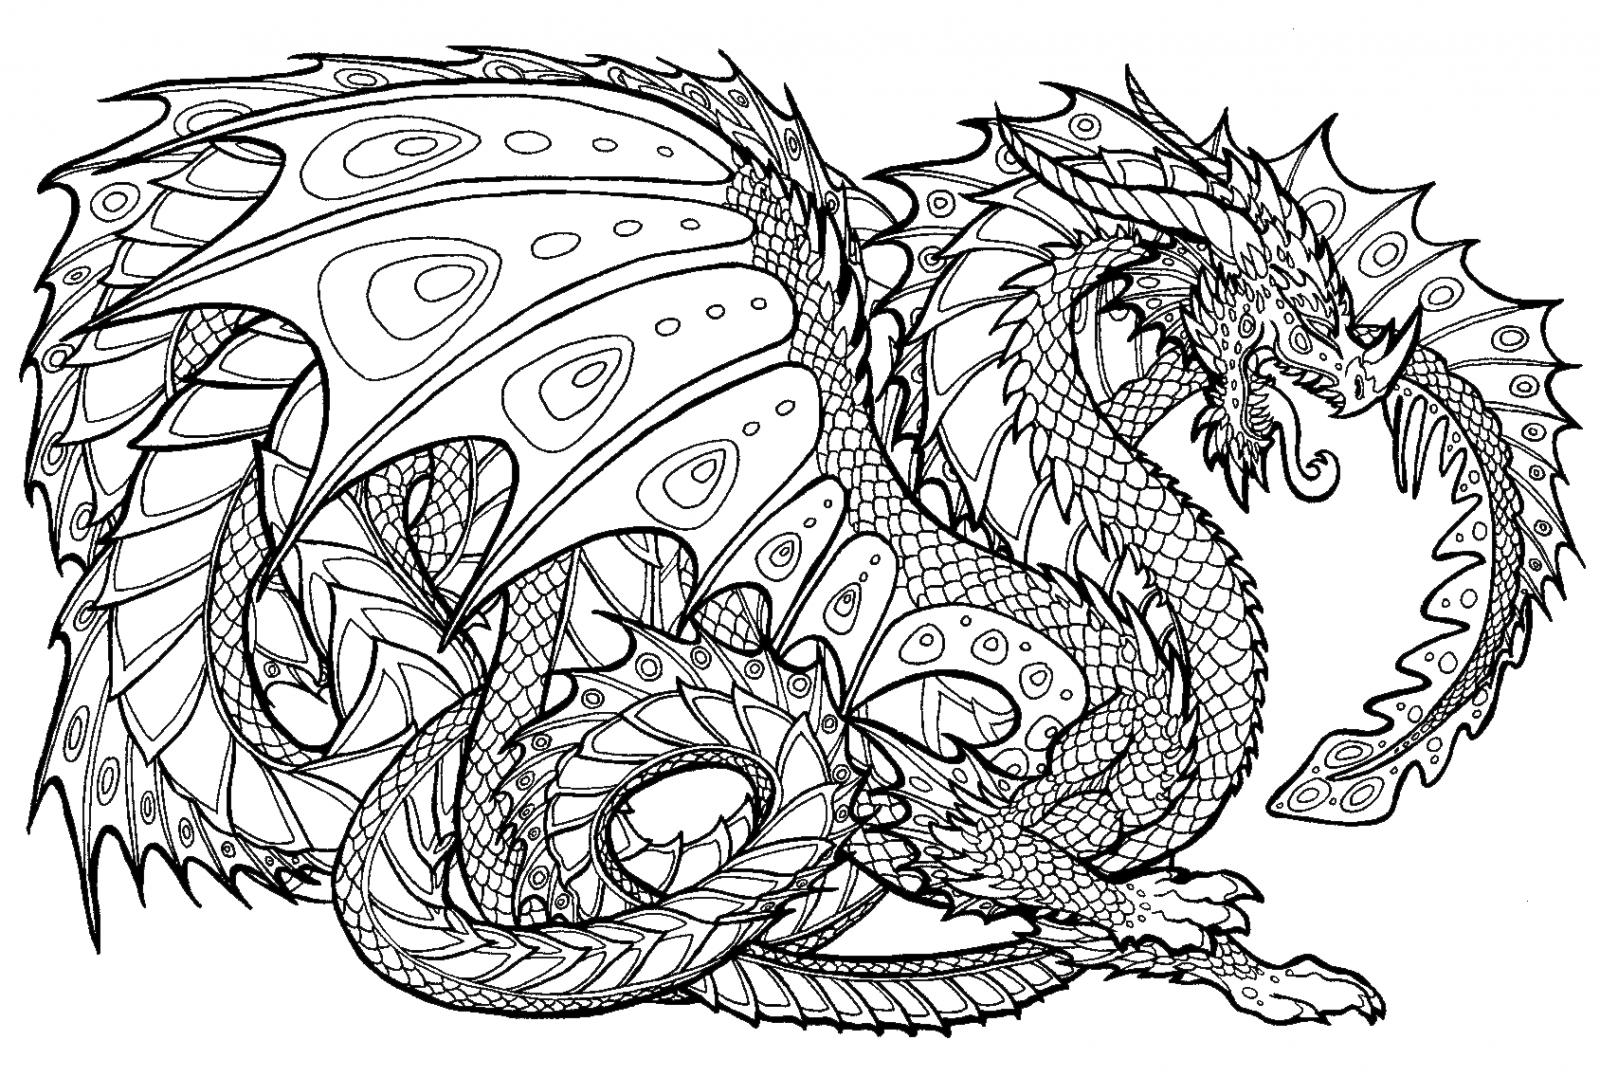 Tranh tô màu con rồng ngầu nhất